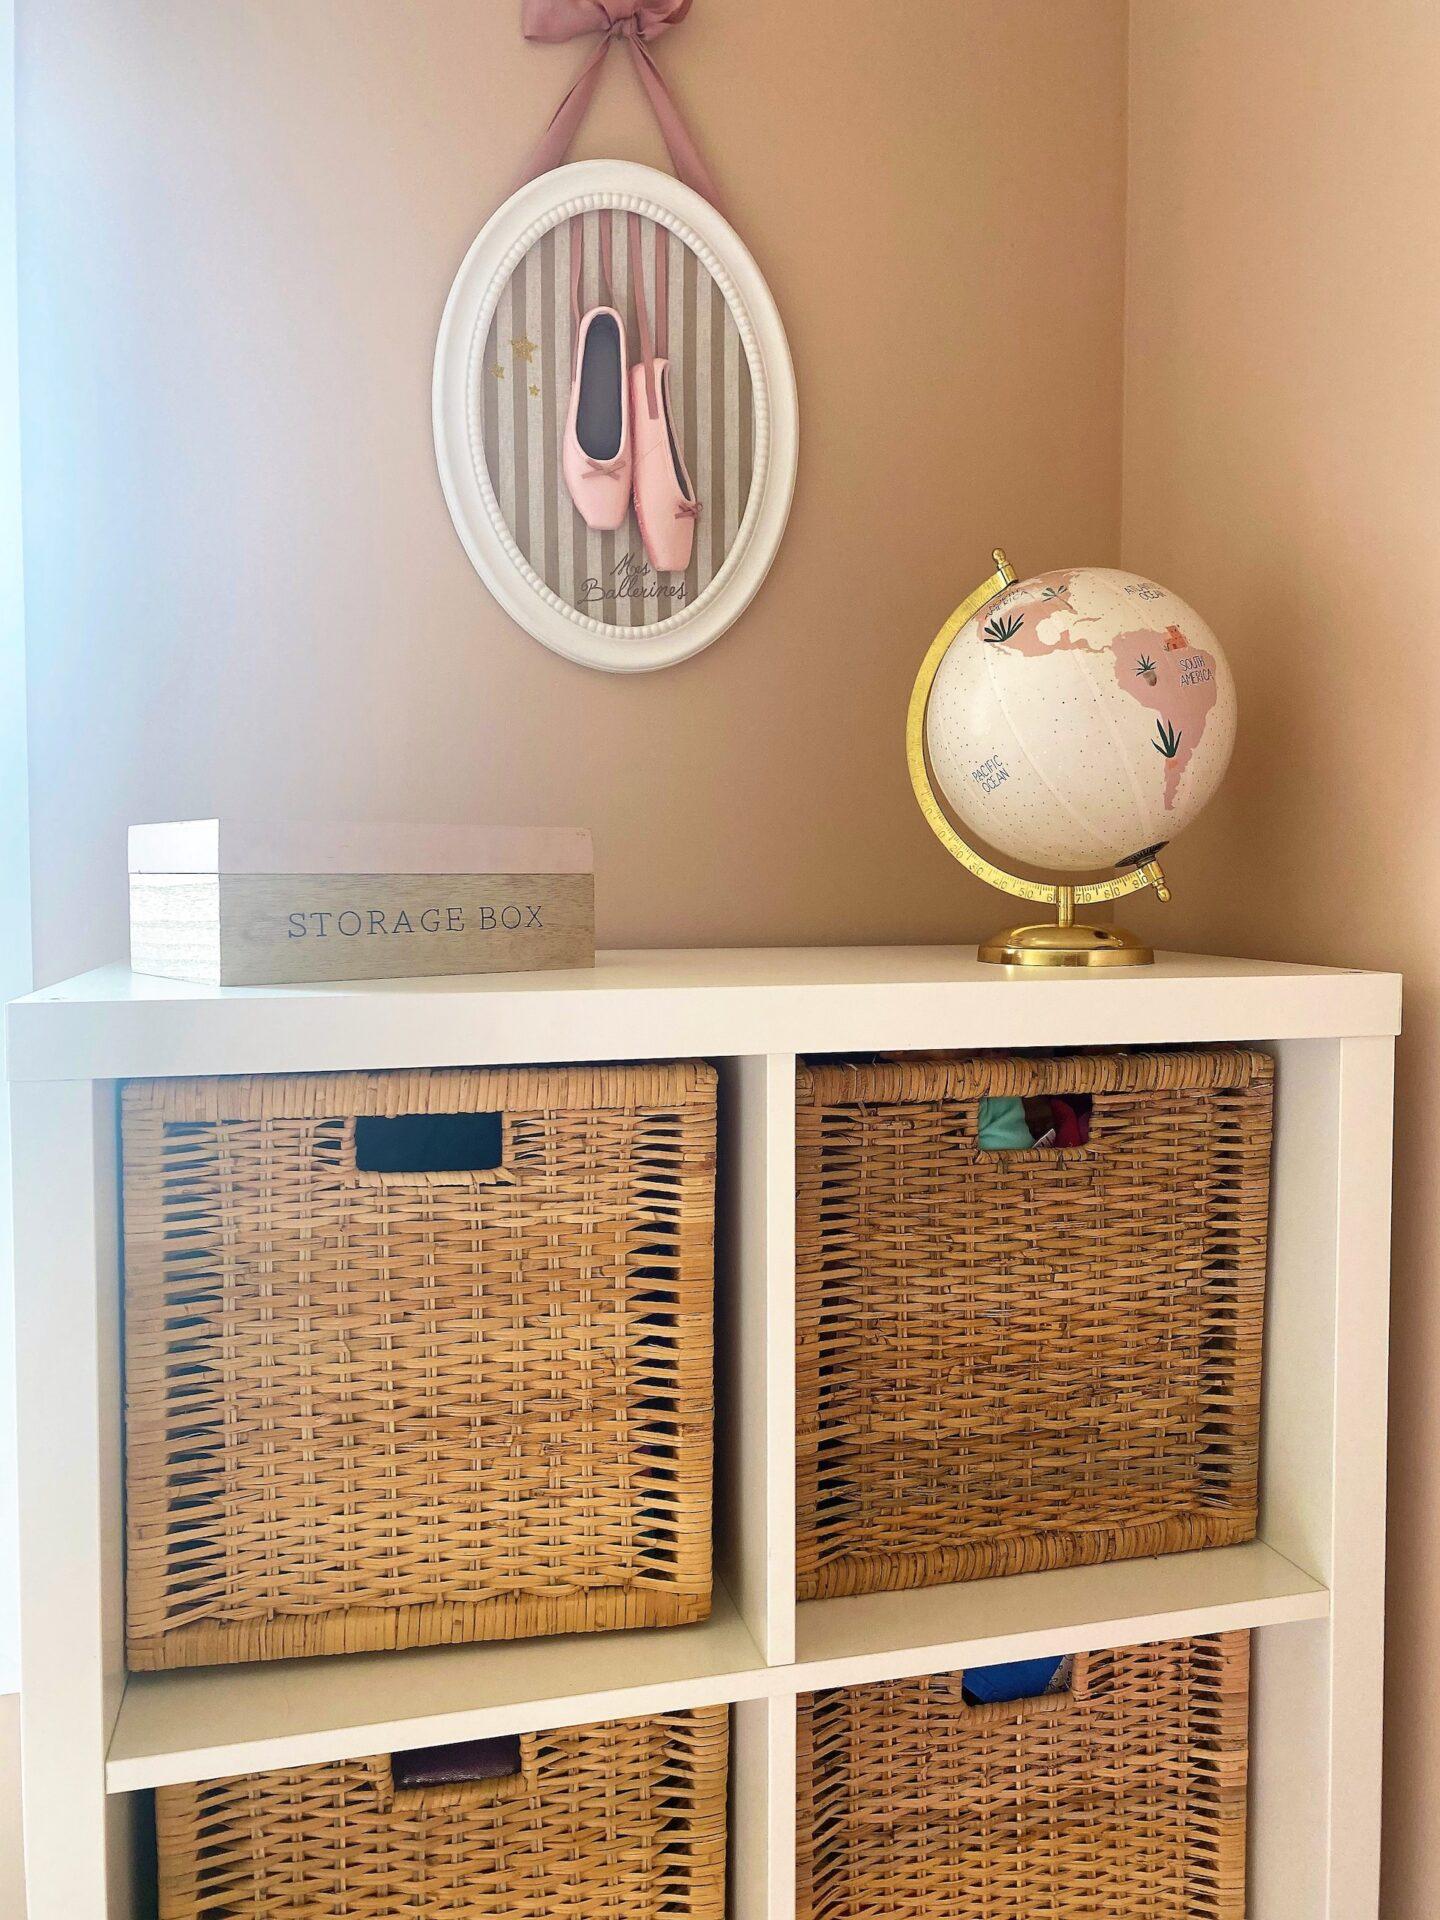 Décoration et agencement Villa à Saint Maximin la Sainte baume- La chambre fille rose avec boites en osier, par Myll décors , Agence de décoration à Aix en provence et dans le Var